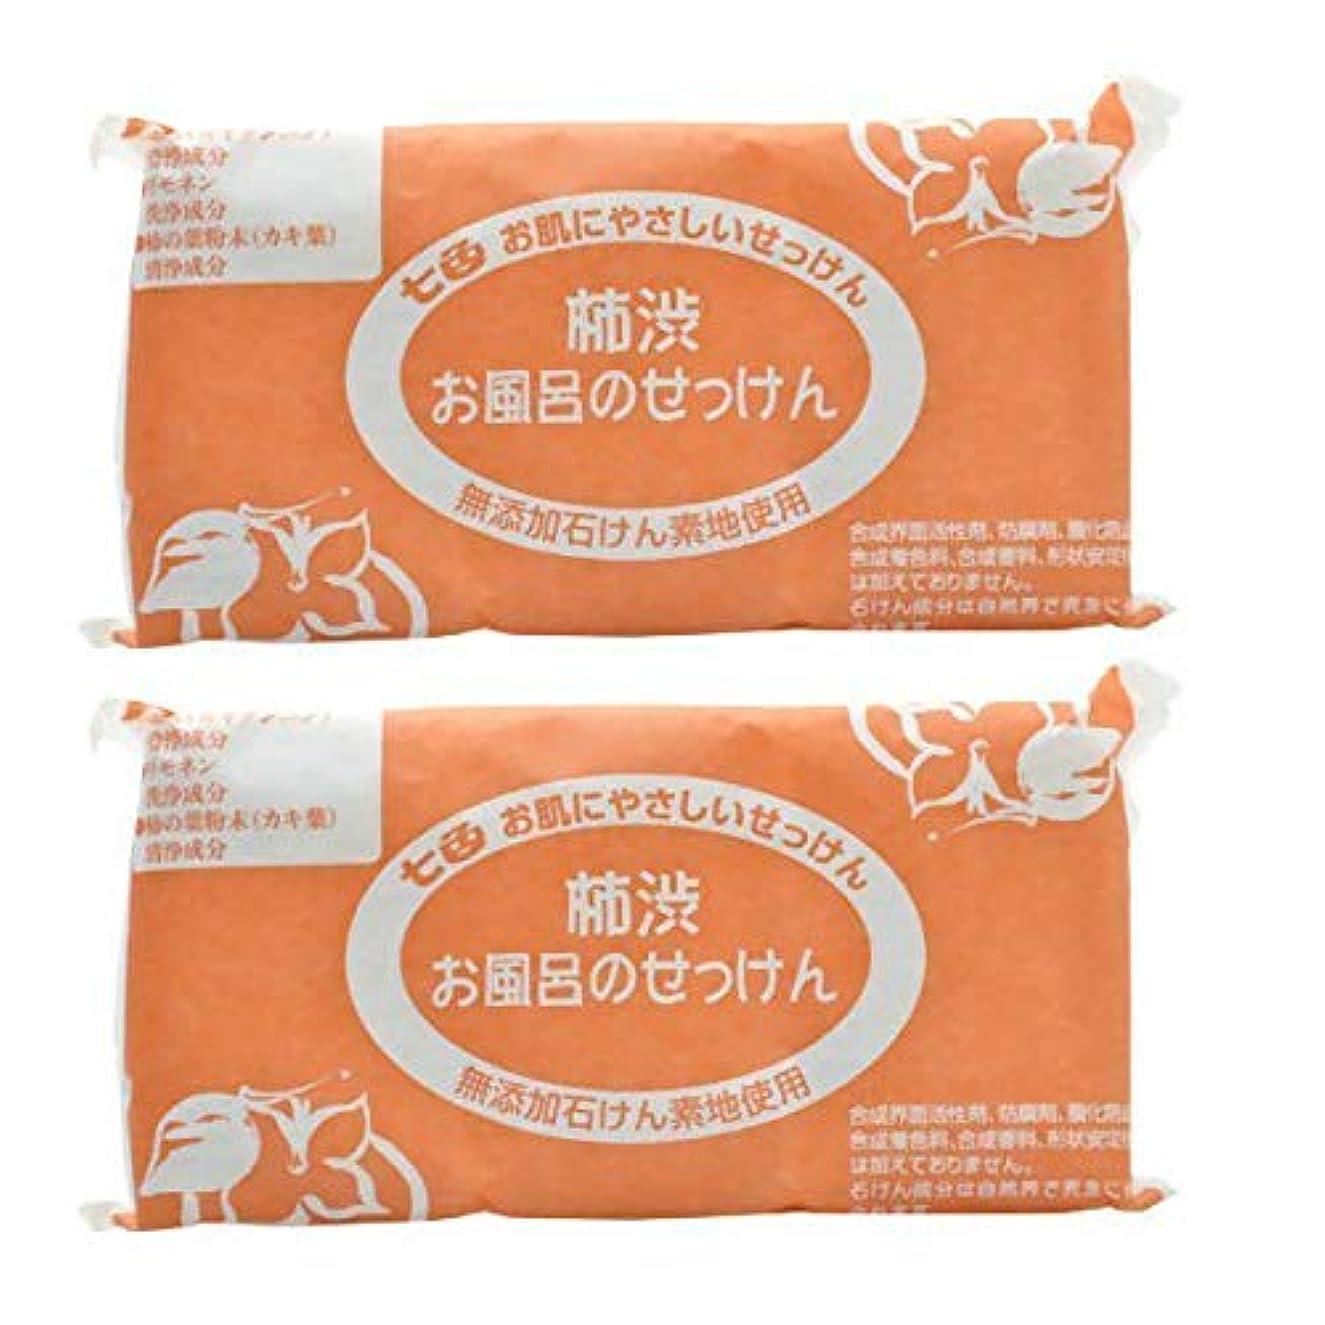 群集放射性熱心な七色 お風呂のせっけん 柿渋(無添加石鹸) 100g×3個入×2セット